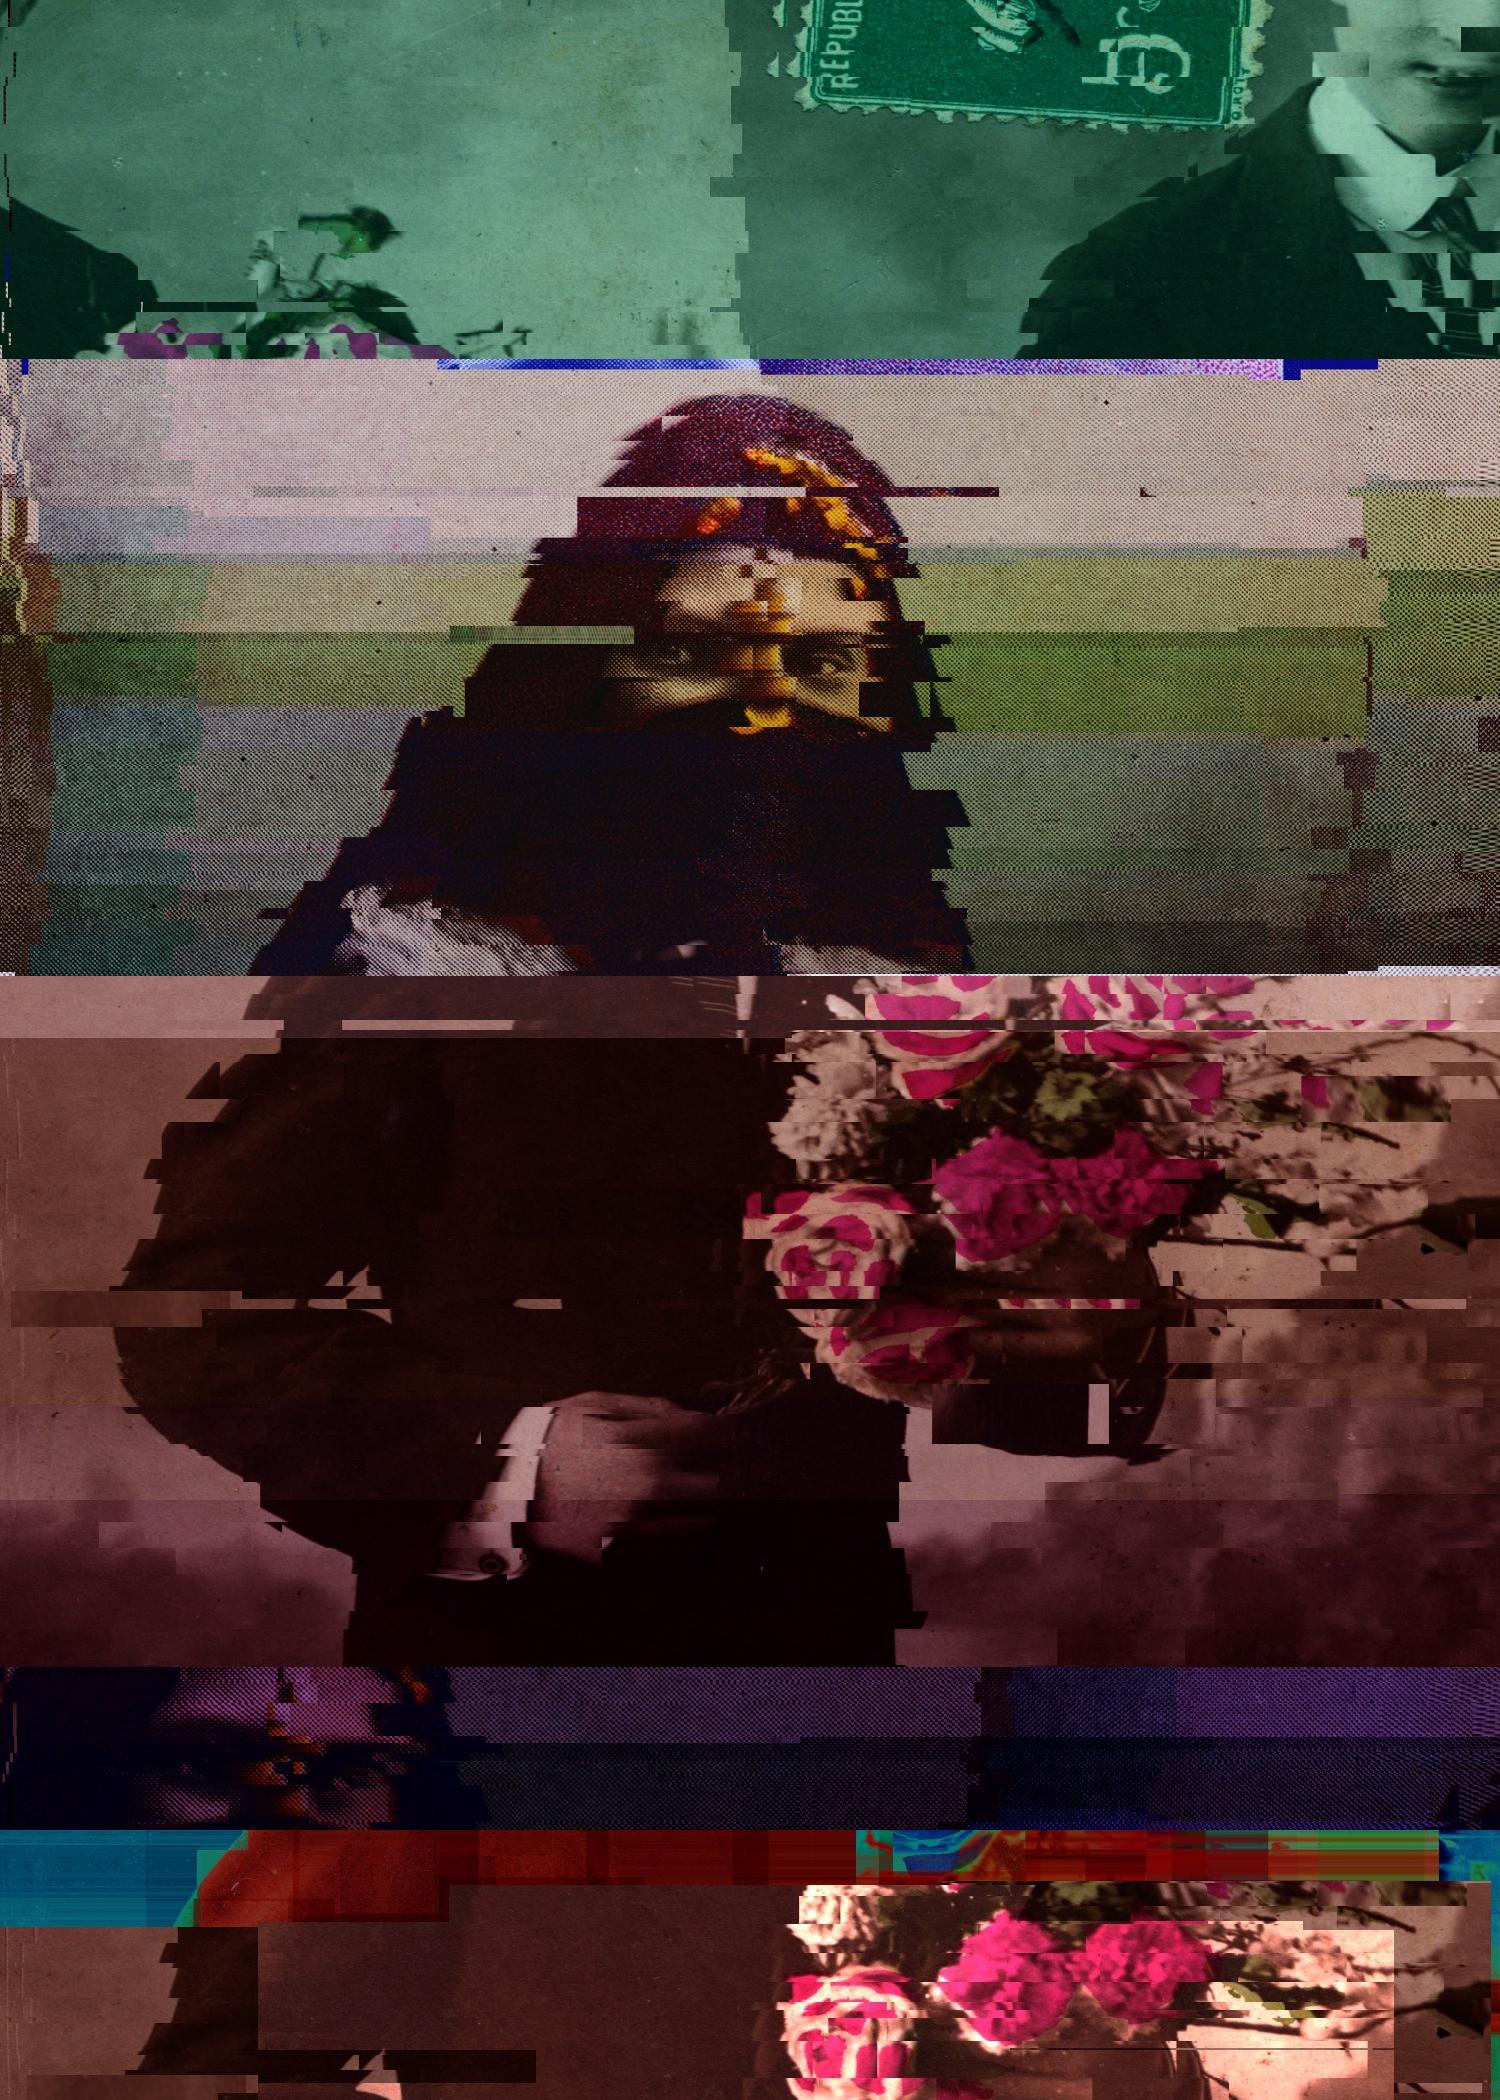 14882611946_e834c8d6ba_o (1).jpg